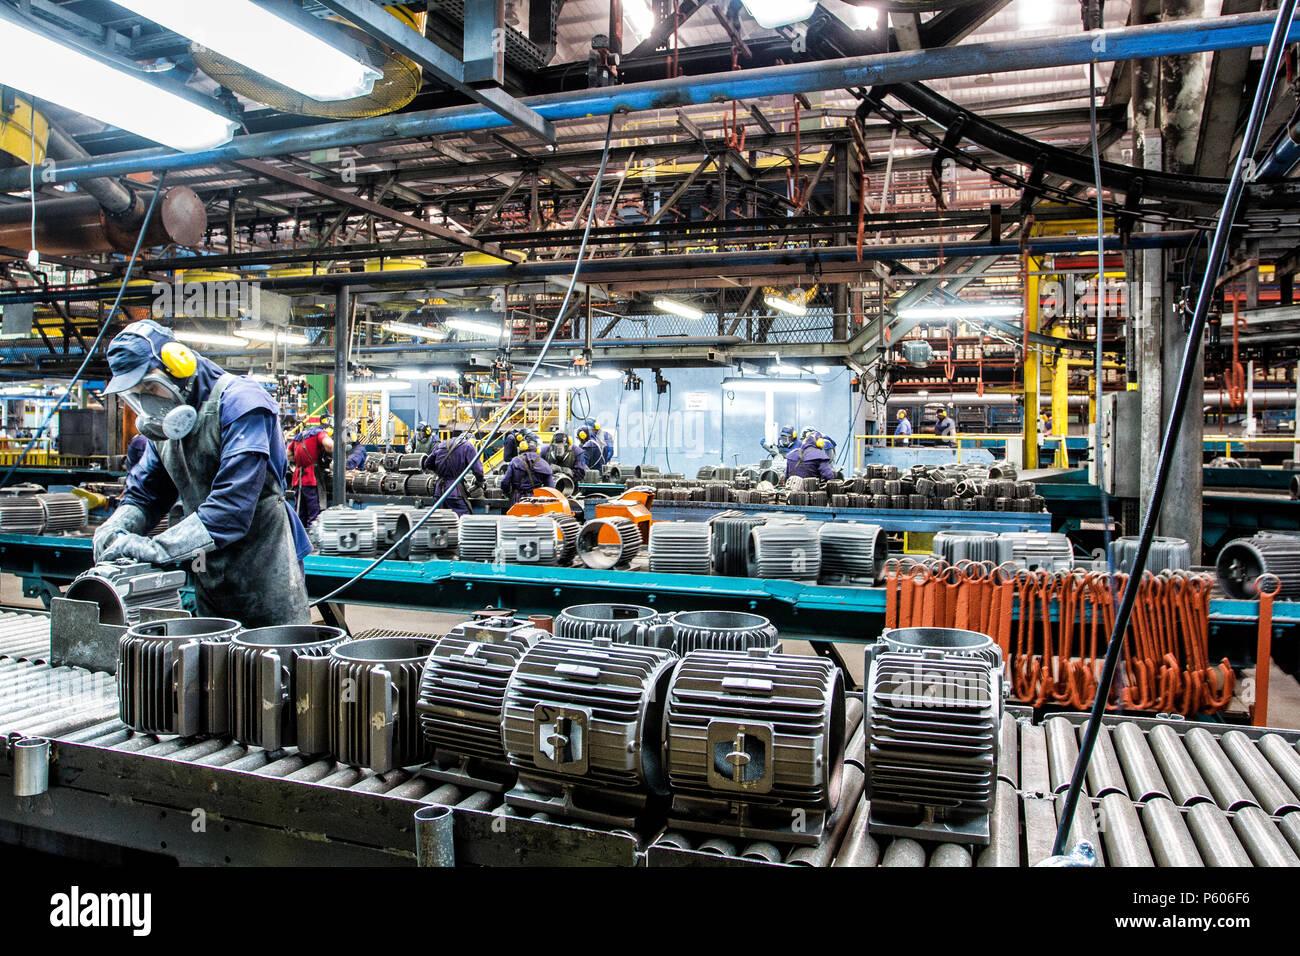 Fabbricazione stabilimento industriale nel sud del Brasile. Immagini Stock